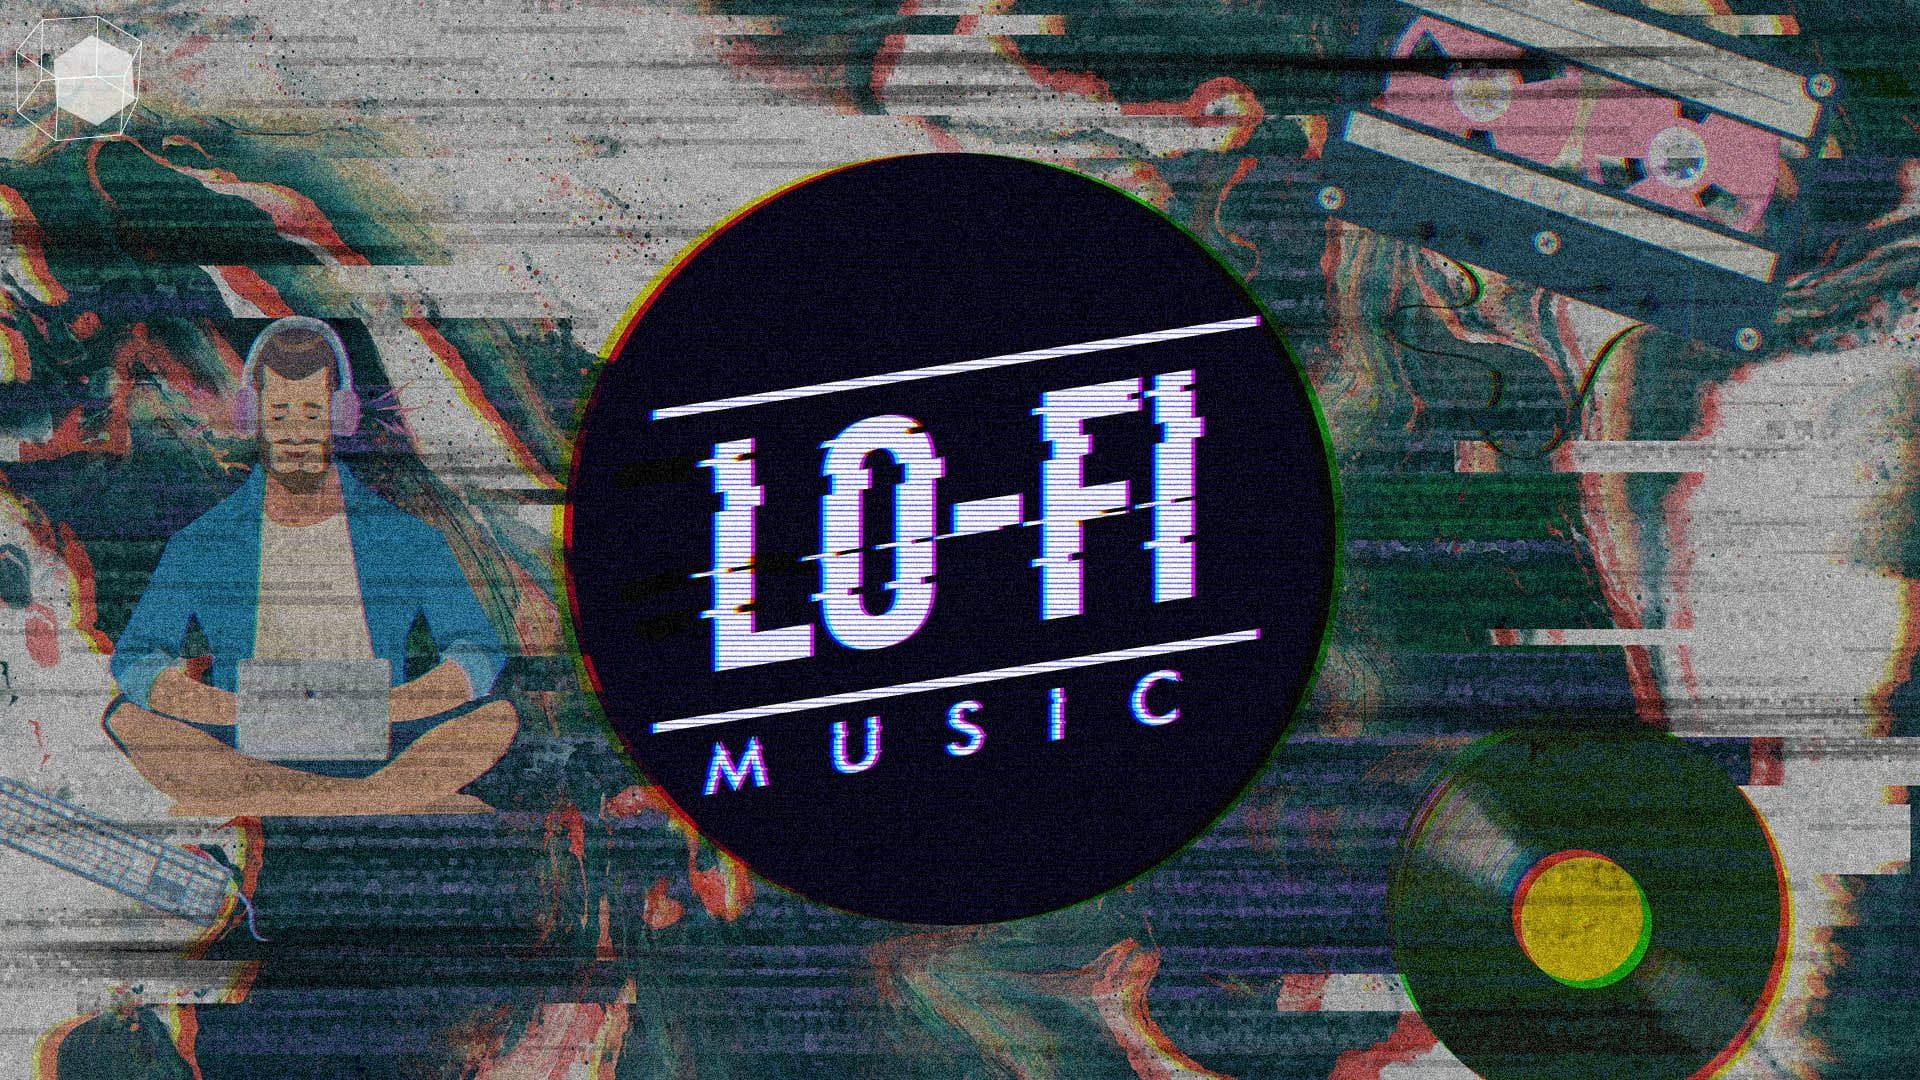 ดนตรี Lo-fi